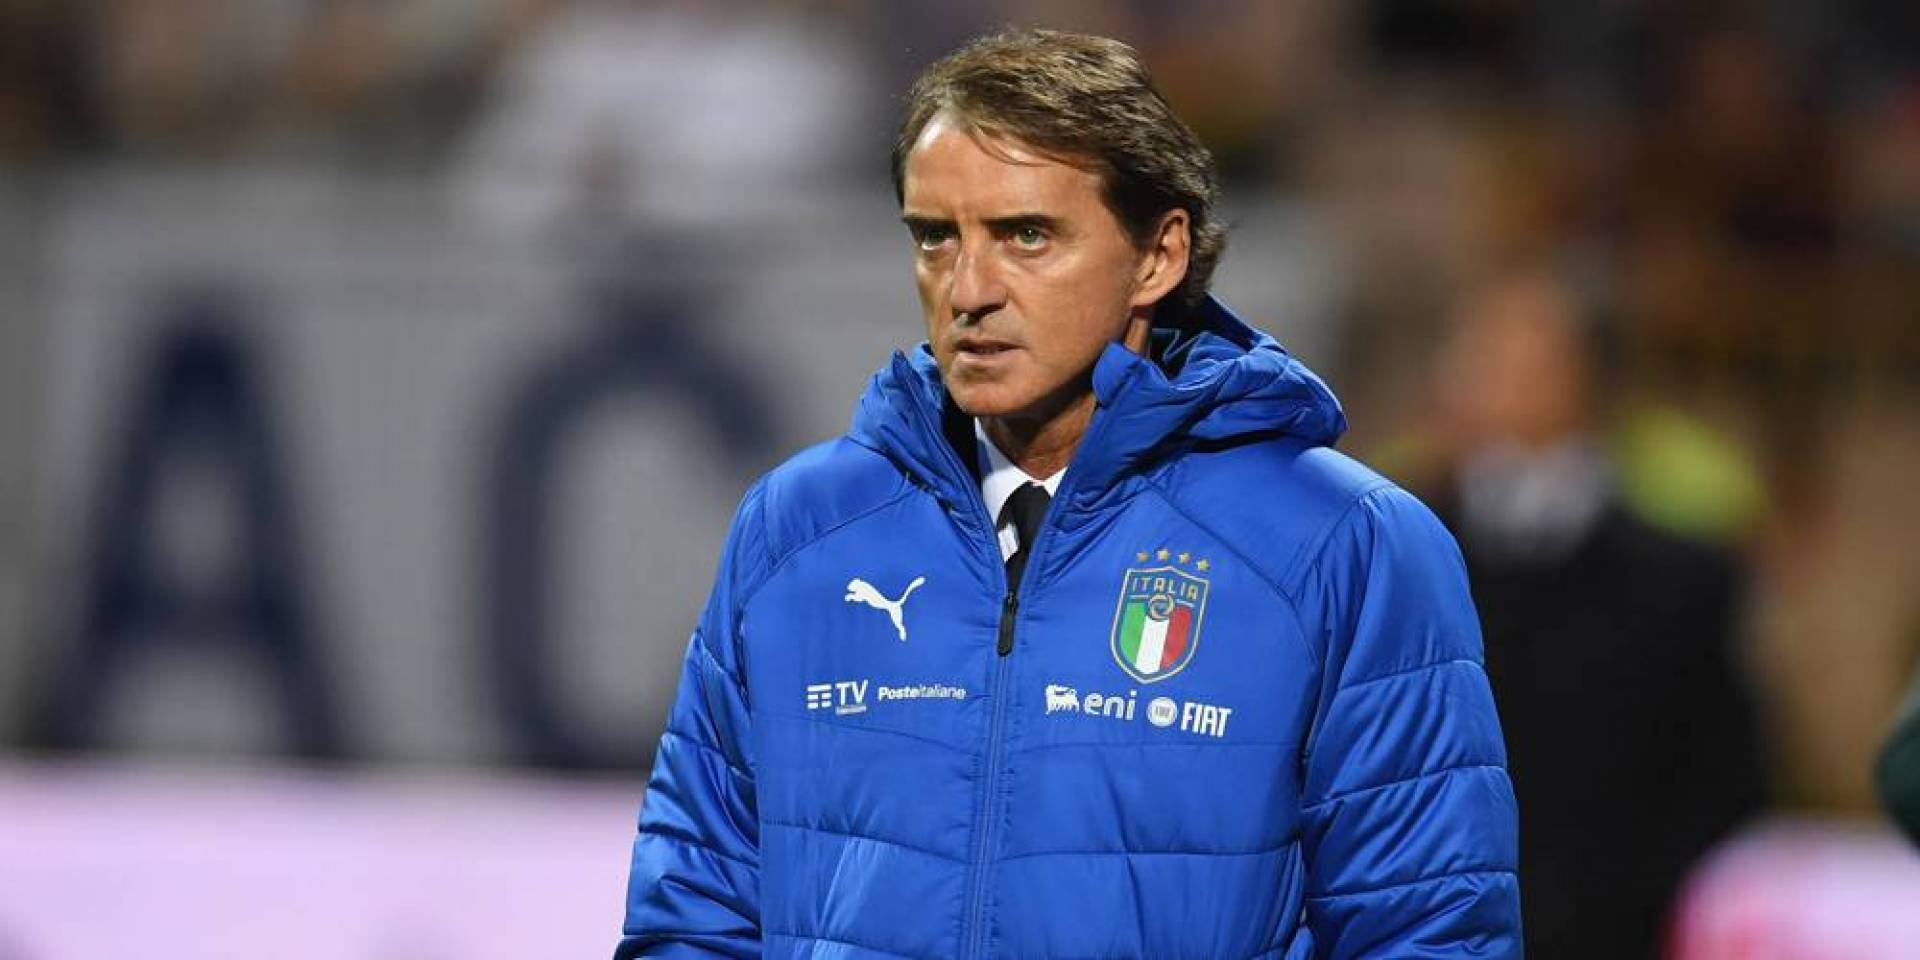 إصابة روبرتو مانشيني مدرب إيطاليا بـ «كورونا»